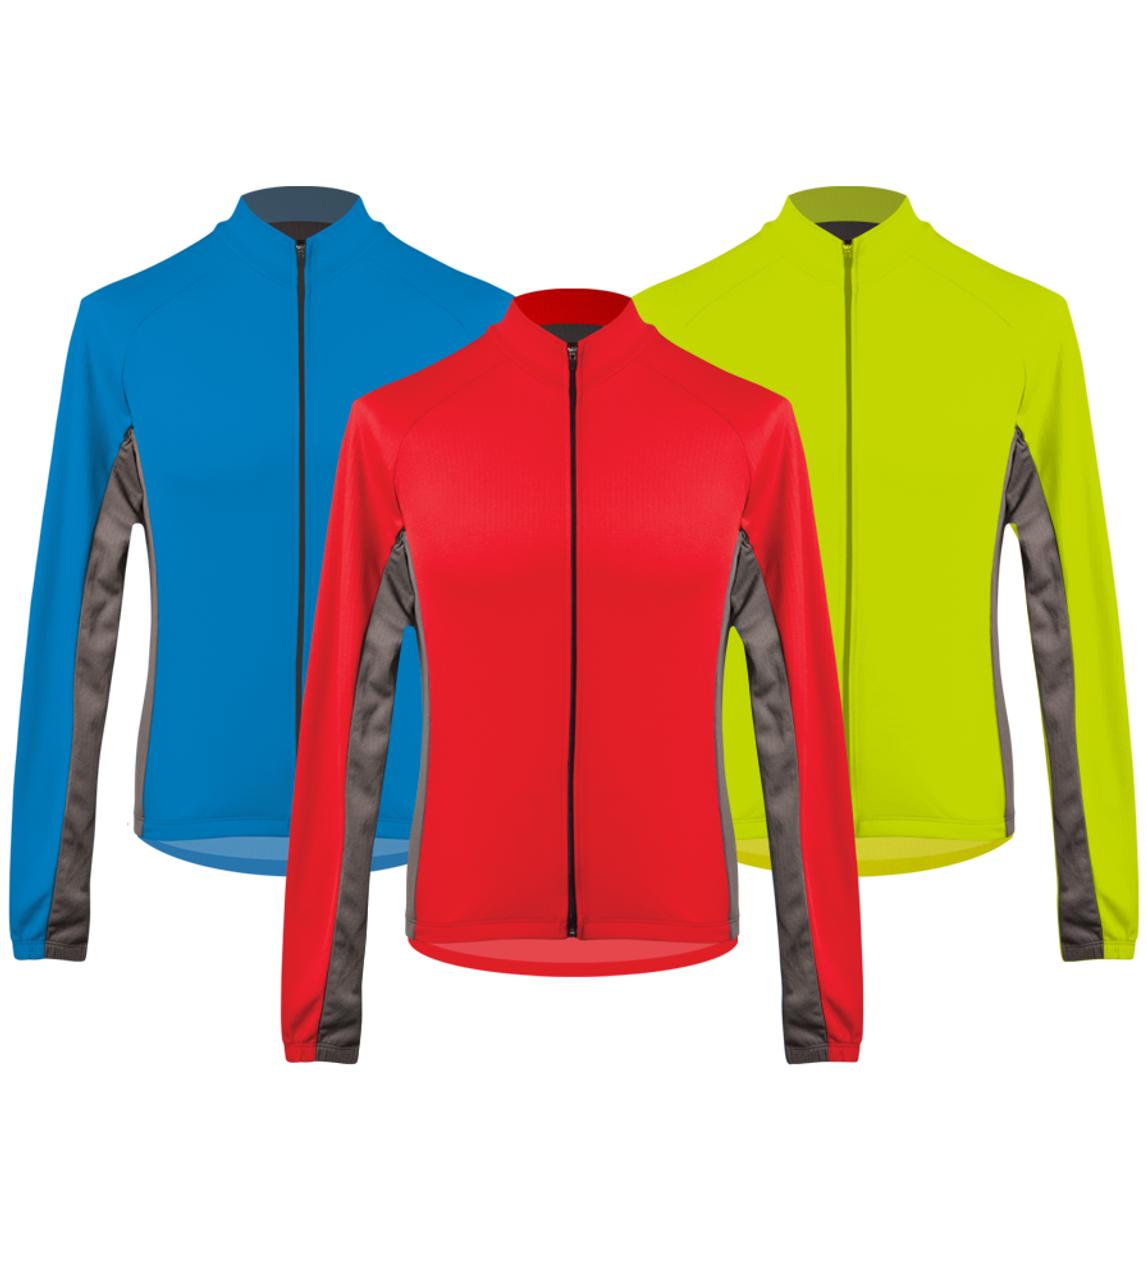 593d1495d Aero Tech Men s Whistler Long Sleeve Fleece Cycling Jersey Icon